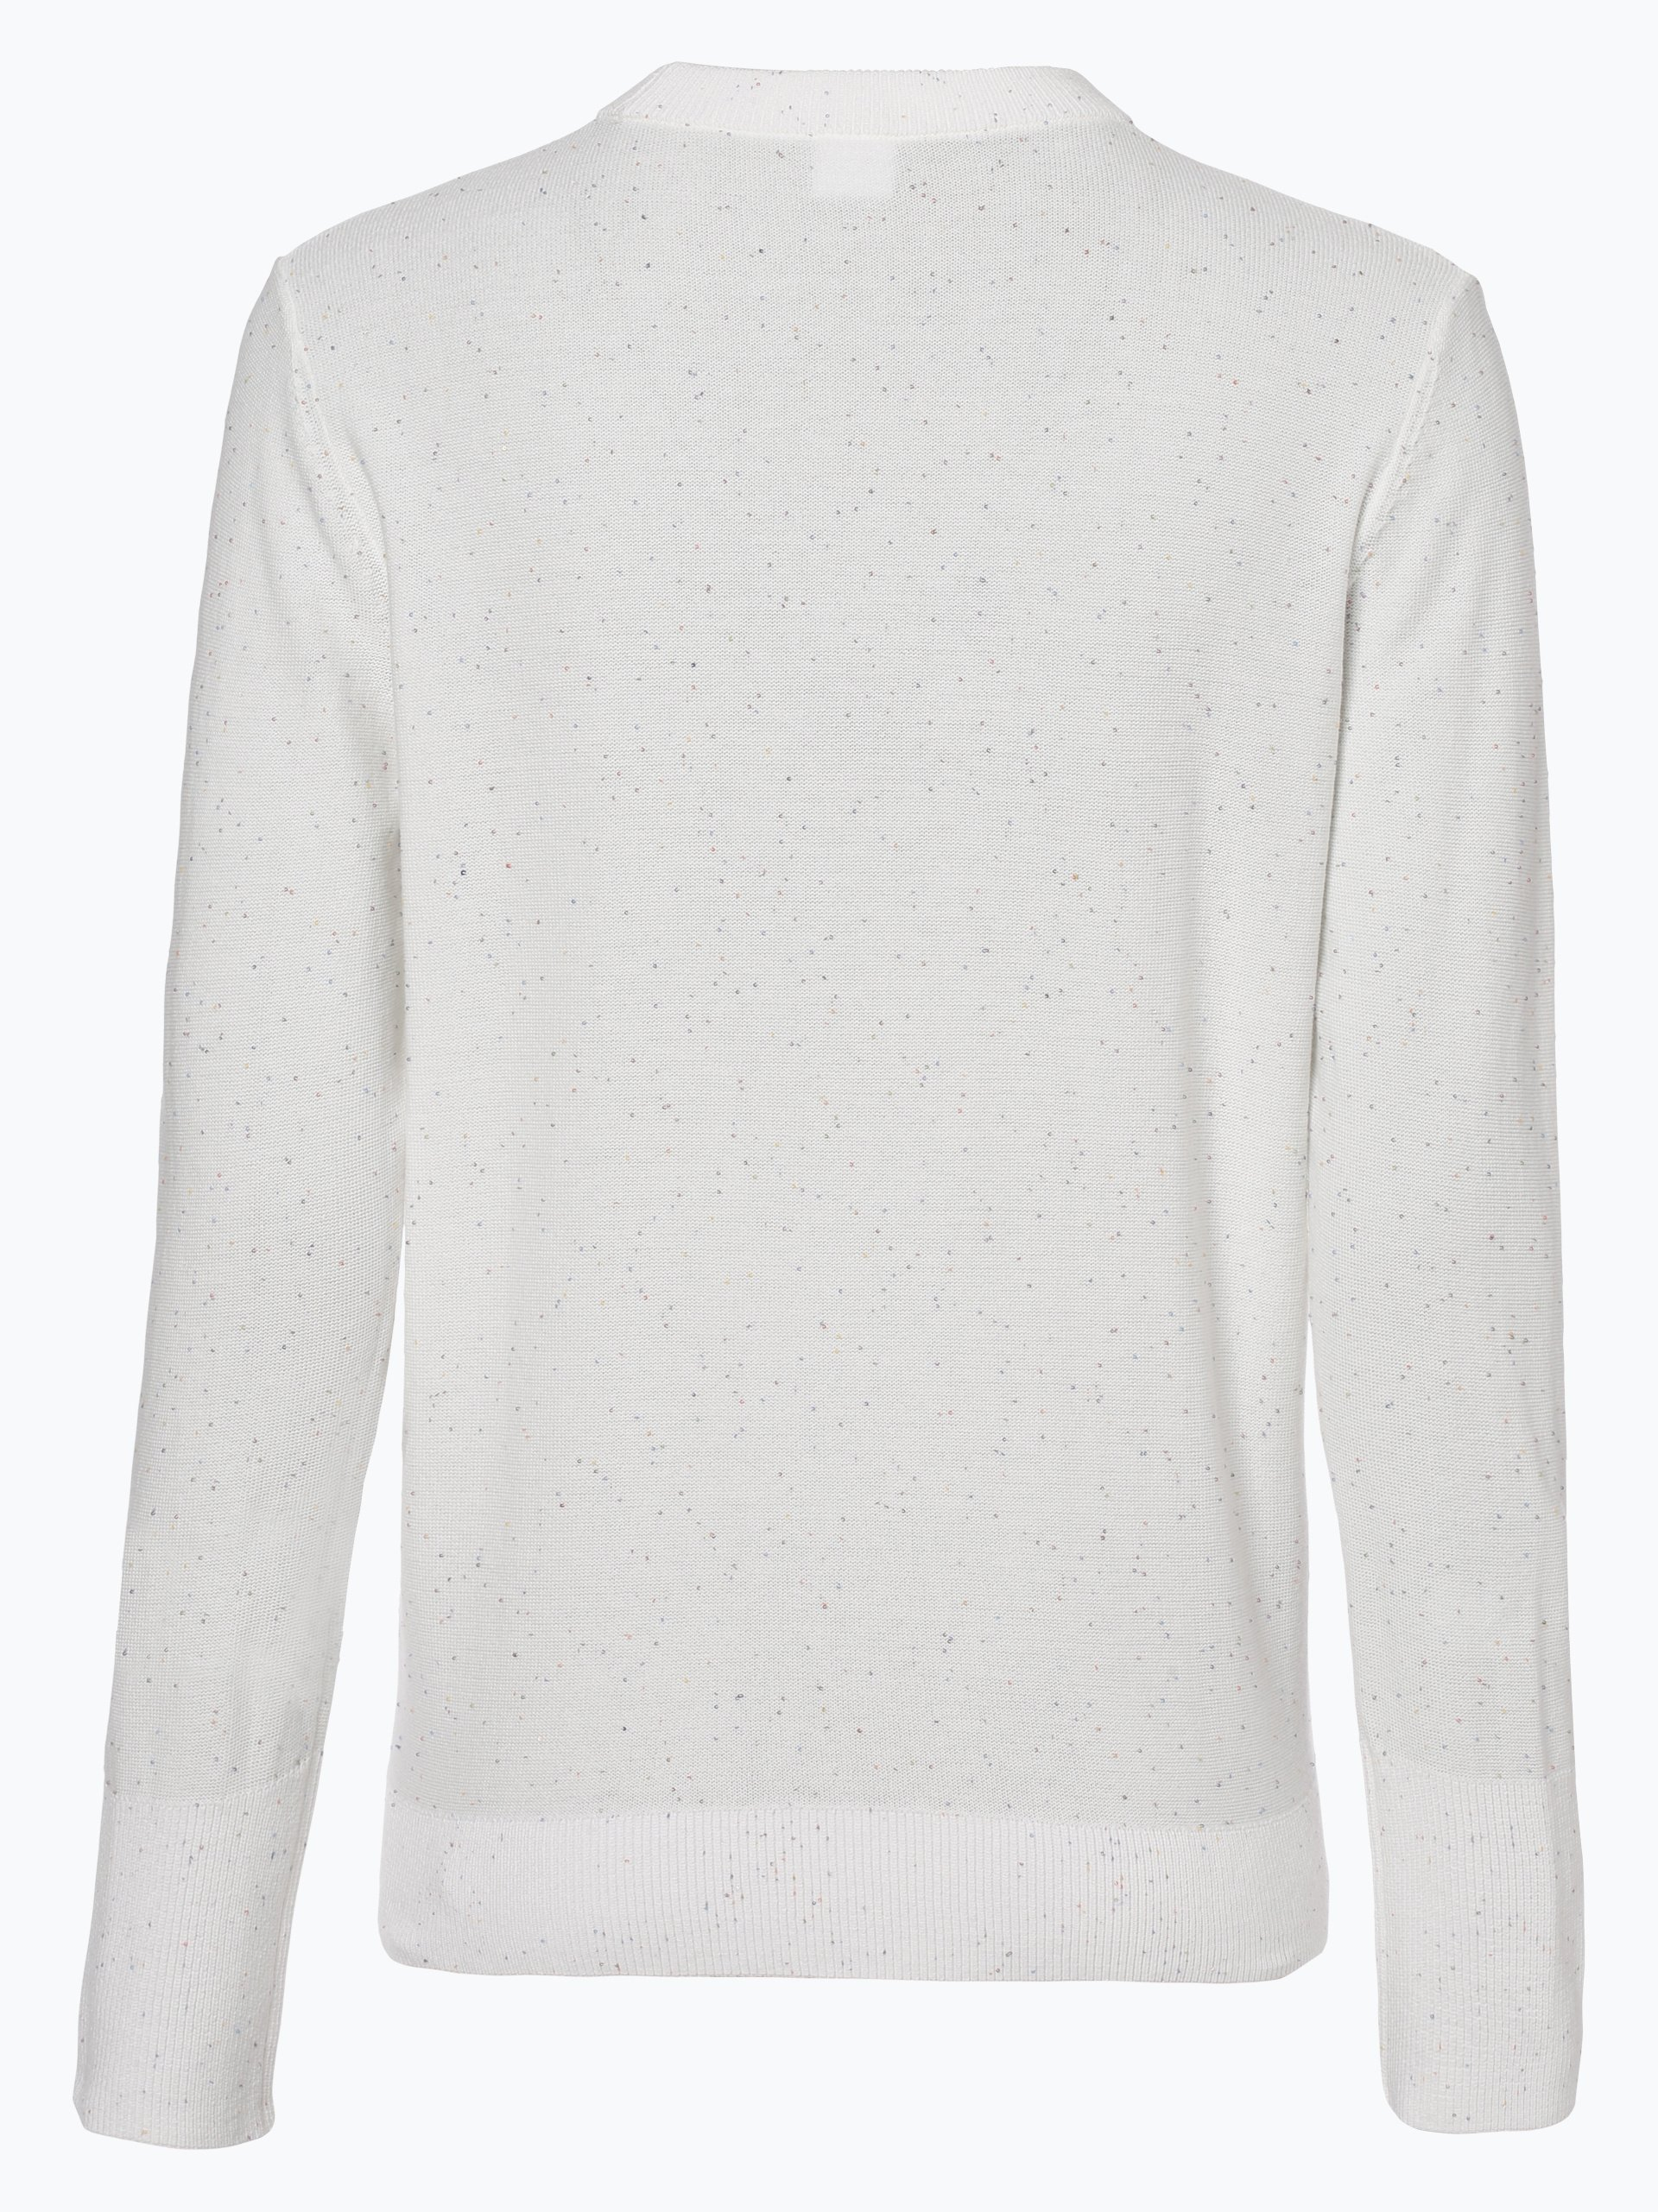 BOSS Casual Damen Pullover - Innibinny